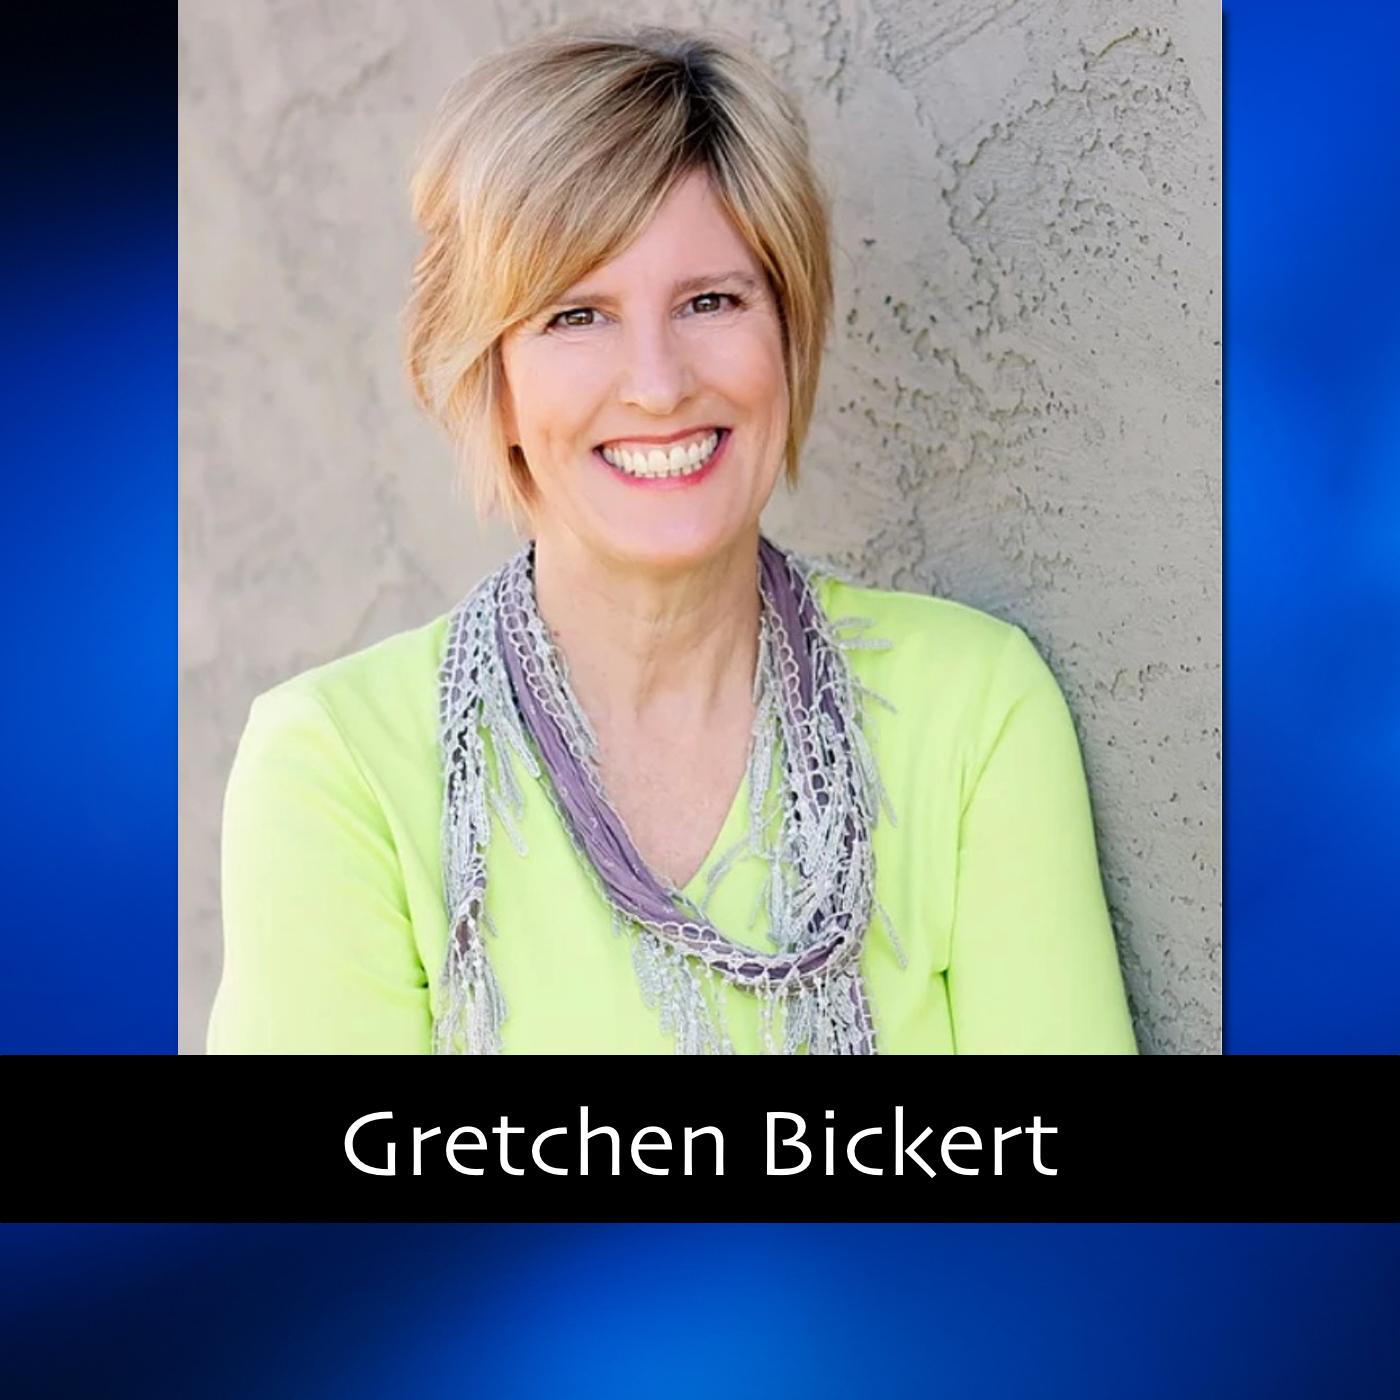 Gretchen Bickert thumb.jpg